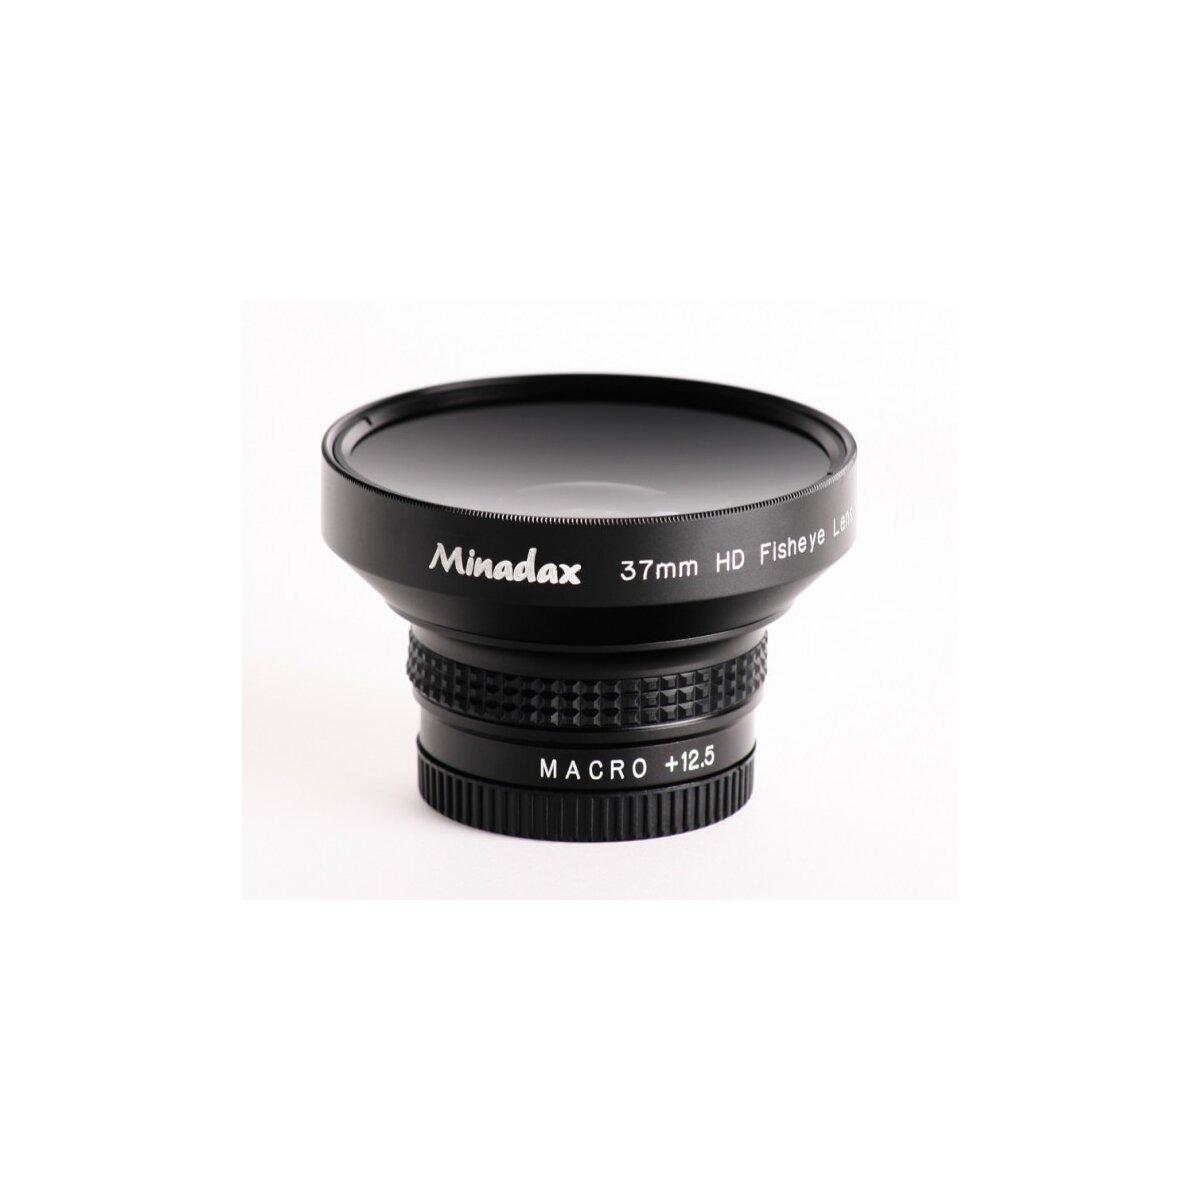 0.25x Minadax Fisheye Vorsatz kompatibel mit Panasonic NV-GS17, NV-GS27, NV-GS60, VDR-D150, VDR-D160, HDC-SD10  - in schwarz